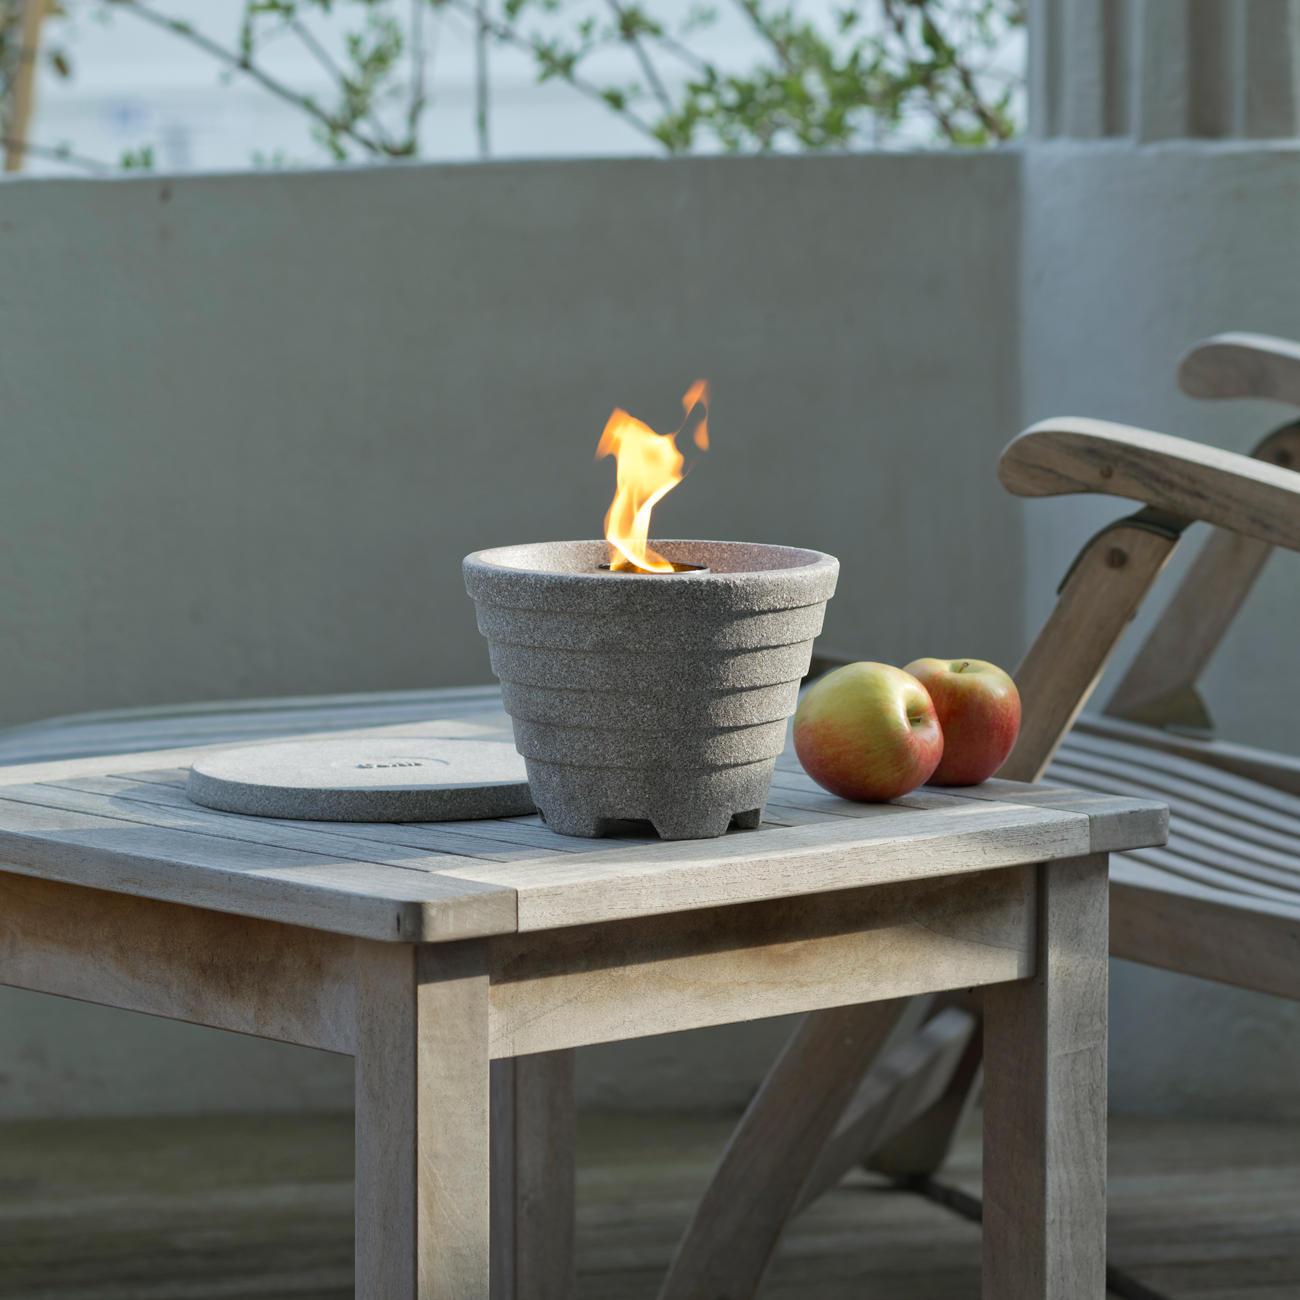 Smeltvuur met afdekplaat 3 jaar productgarantie pro idee - Ingang huis idee ...